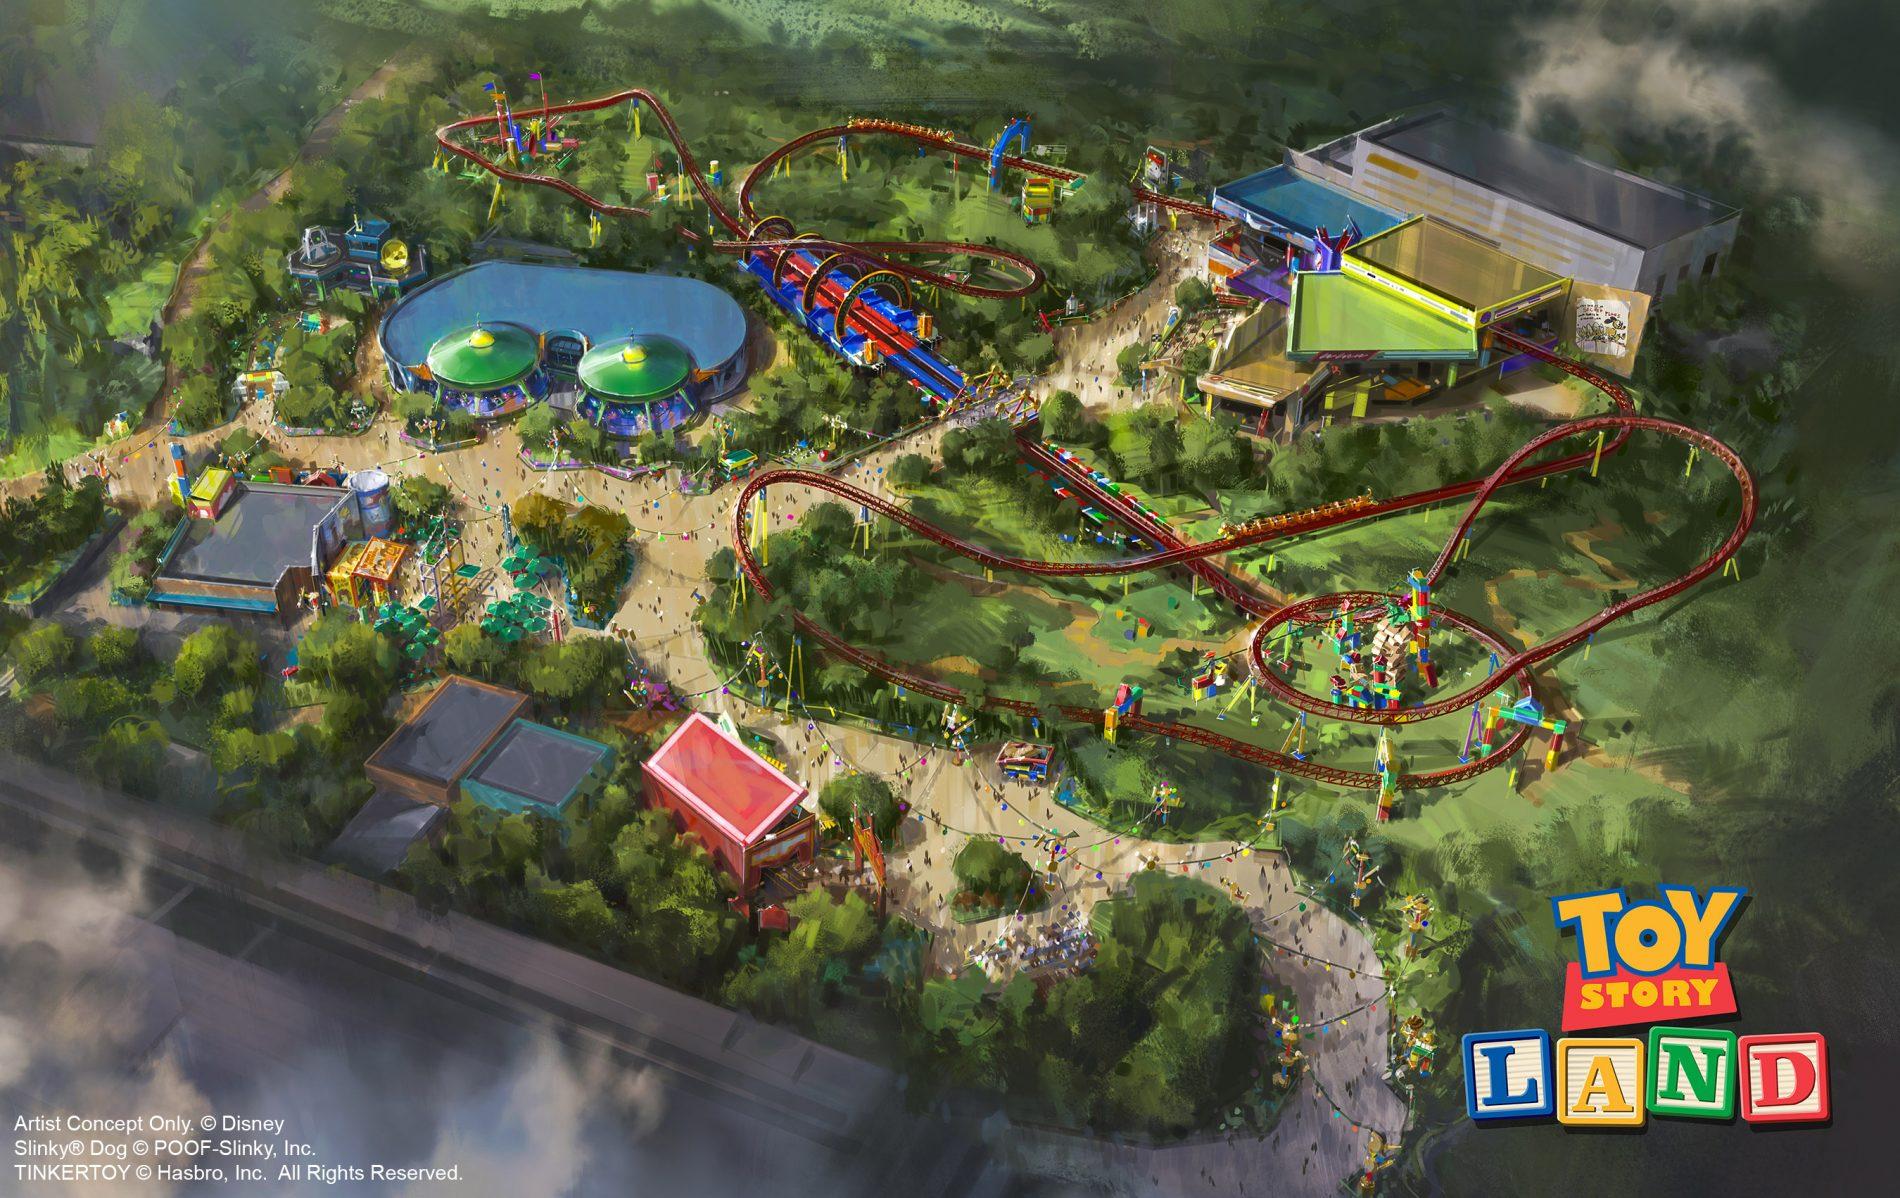 Perspectiva artística da Toy Story Land, cuja inauguração está prevista para o verão norte-americano de 2018